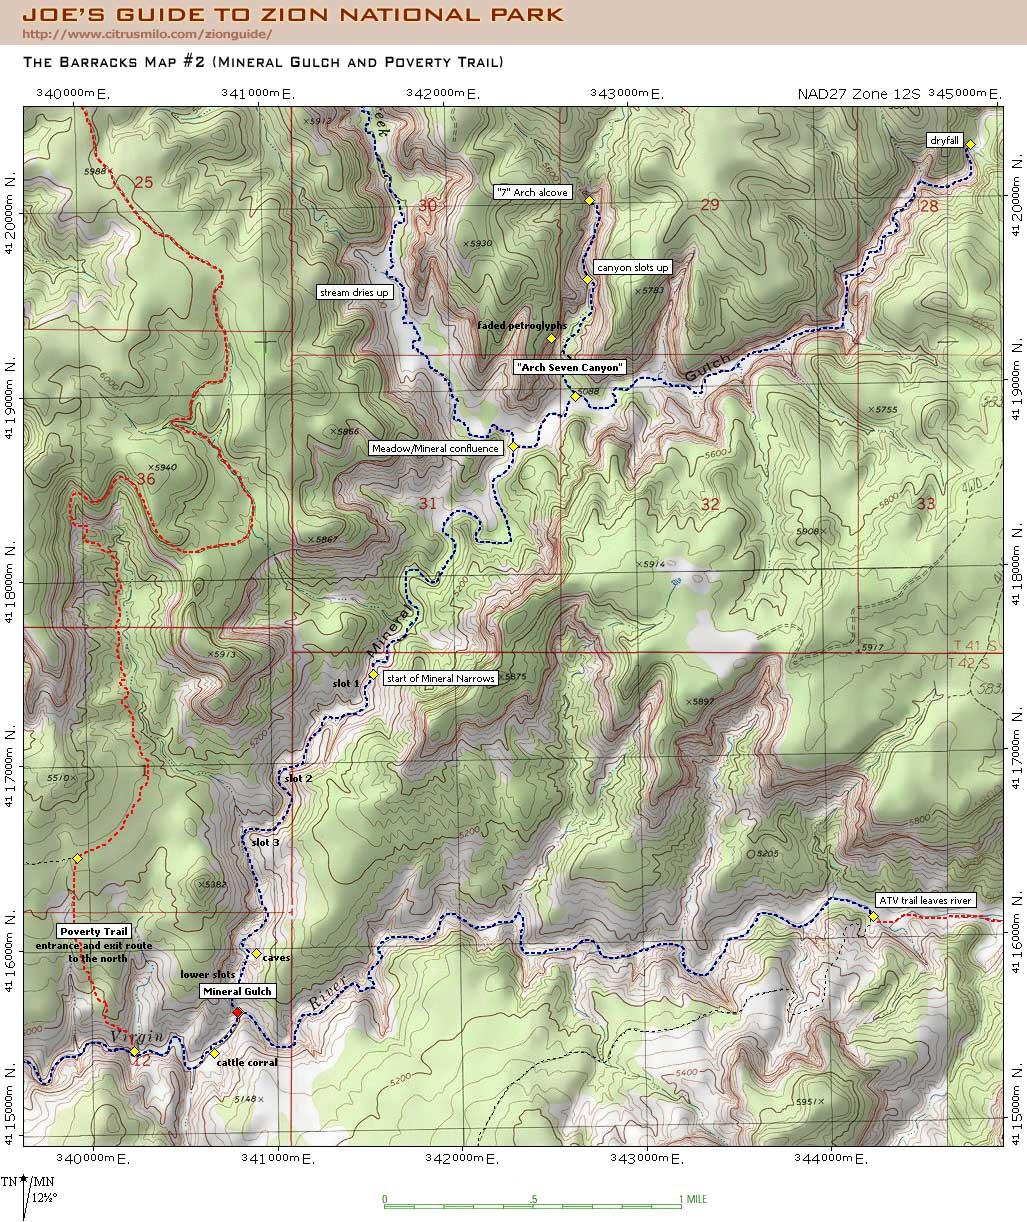 joeun_barracks2 Zion National Park Map And Guide on bryce map and guide, grand canyon map and guide, monument valley map and guide, national park service map and guide, downtown dallas map and guide,